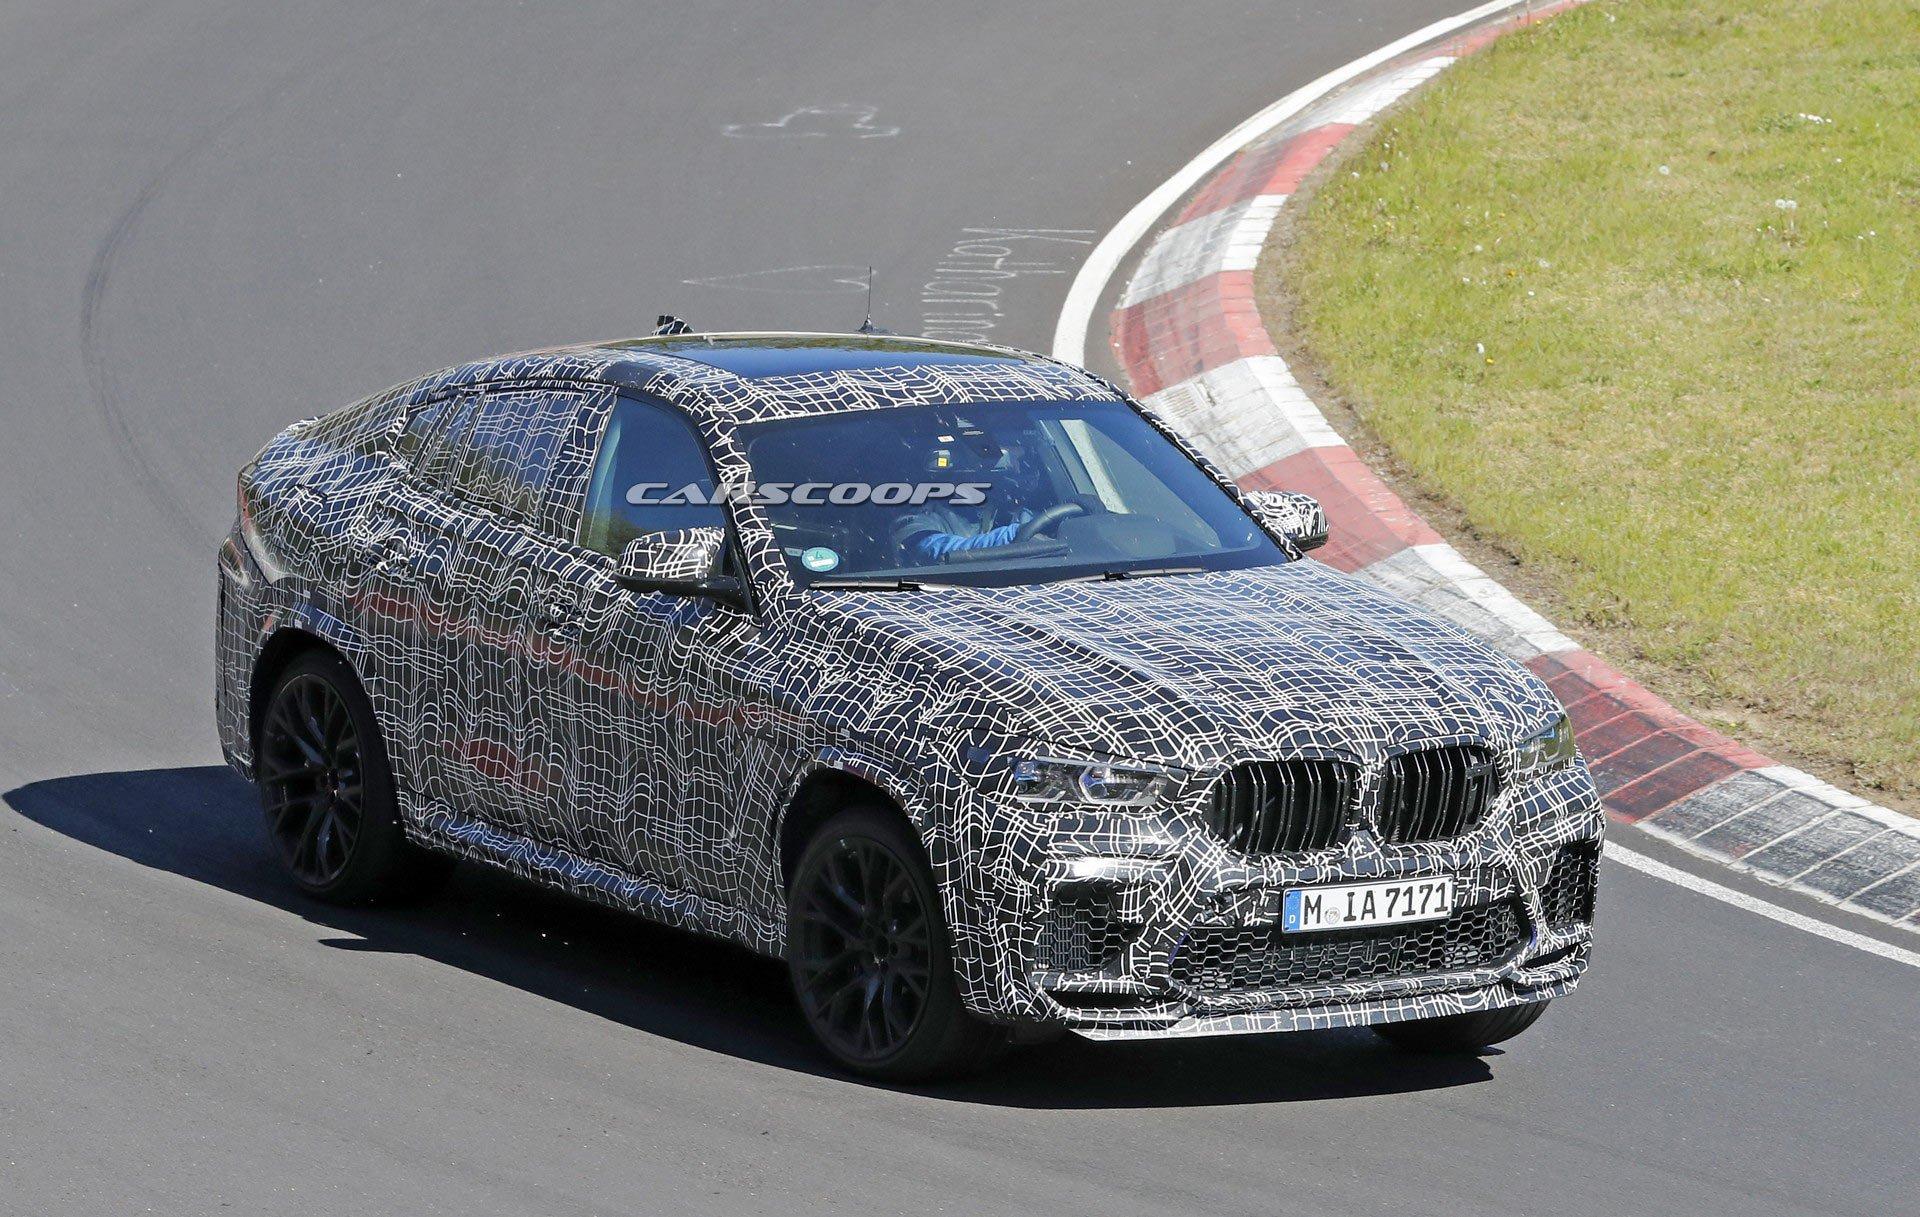 В течение последних нескольких лет нам довелось увидеть несколько предсерийных прототипов BMW X6 M, а сейчас на тестах оказалась спортивная версия кросс-купе с менее тяжелой маскировкой